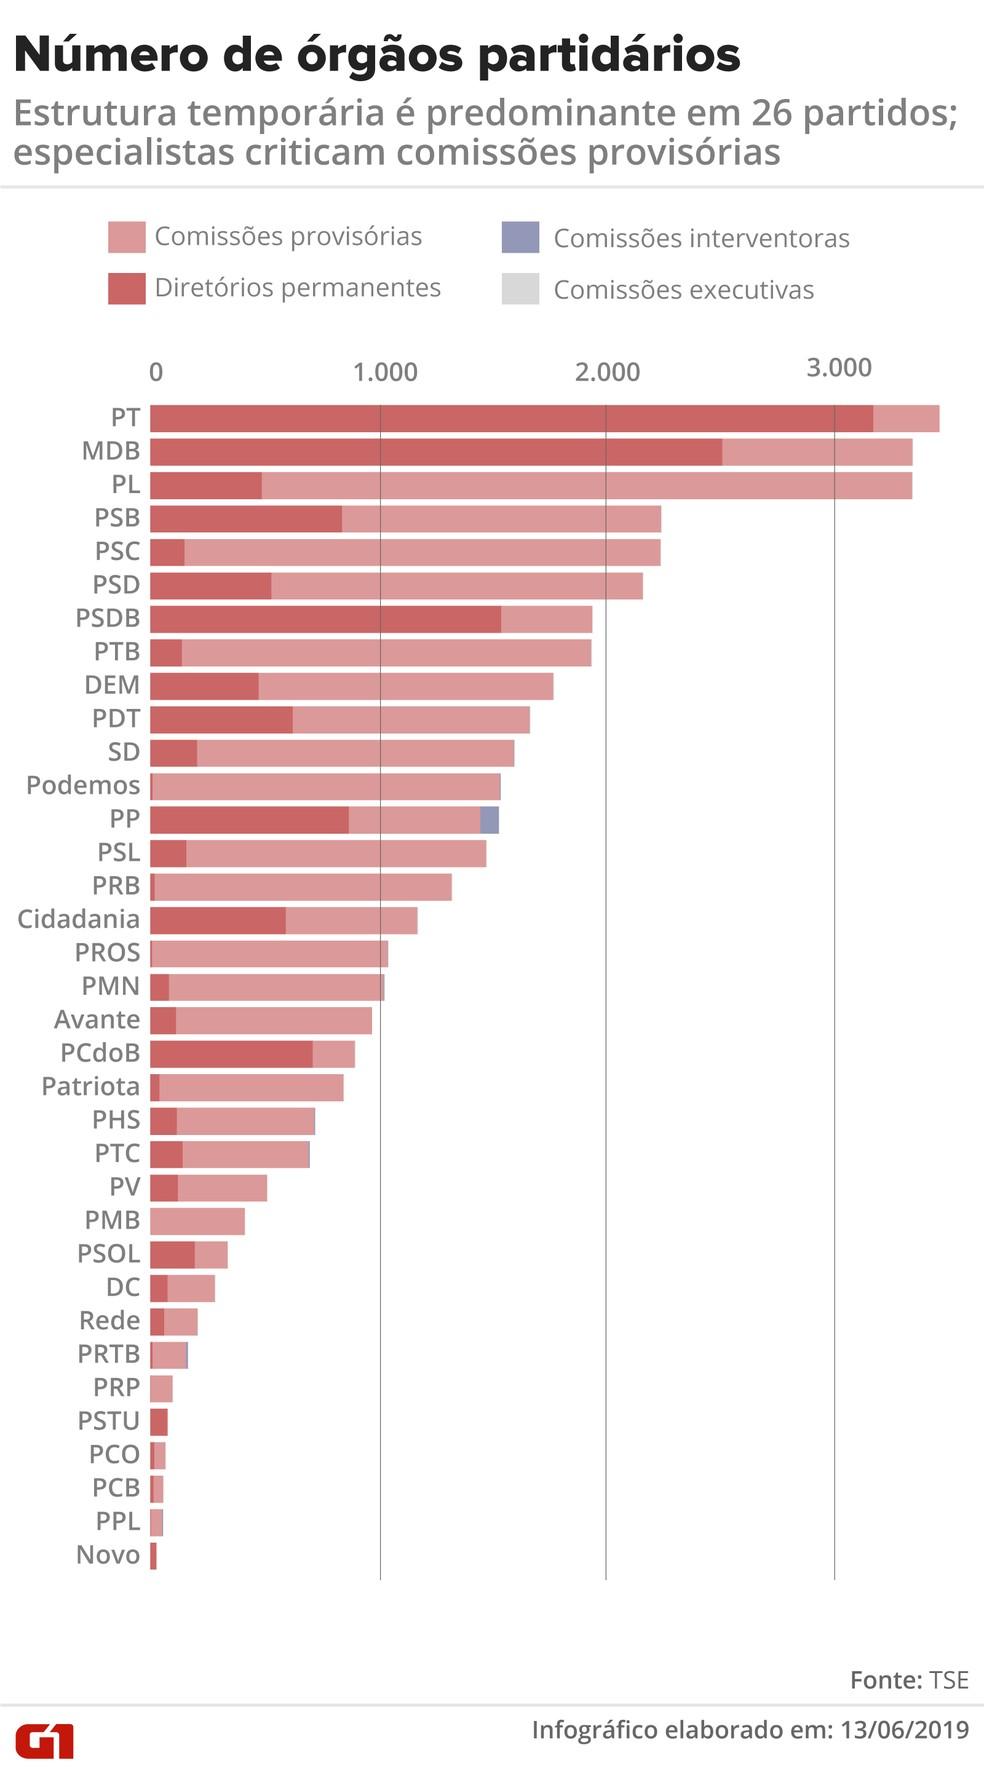 Número de órgãos partidários: estrutura temporária é predominante em 26 partidos; especialistas criticam comissões provisórias — Foto: Gabriela Caesar/G1